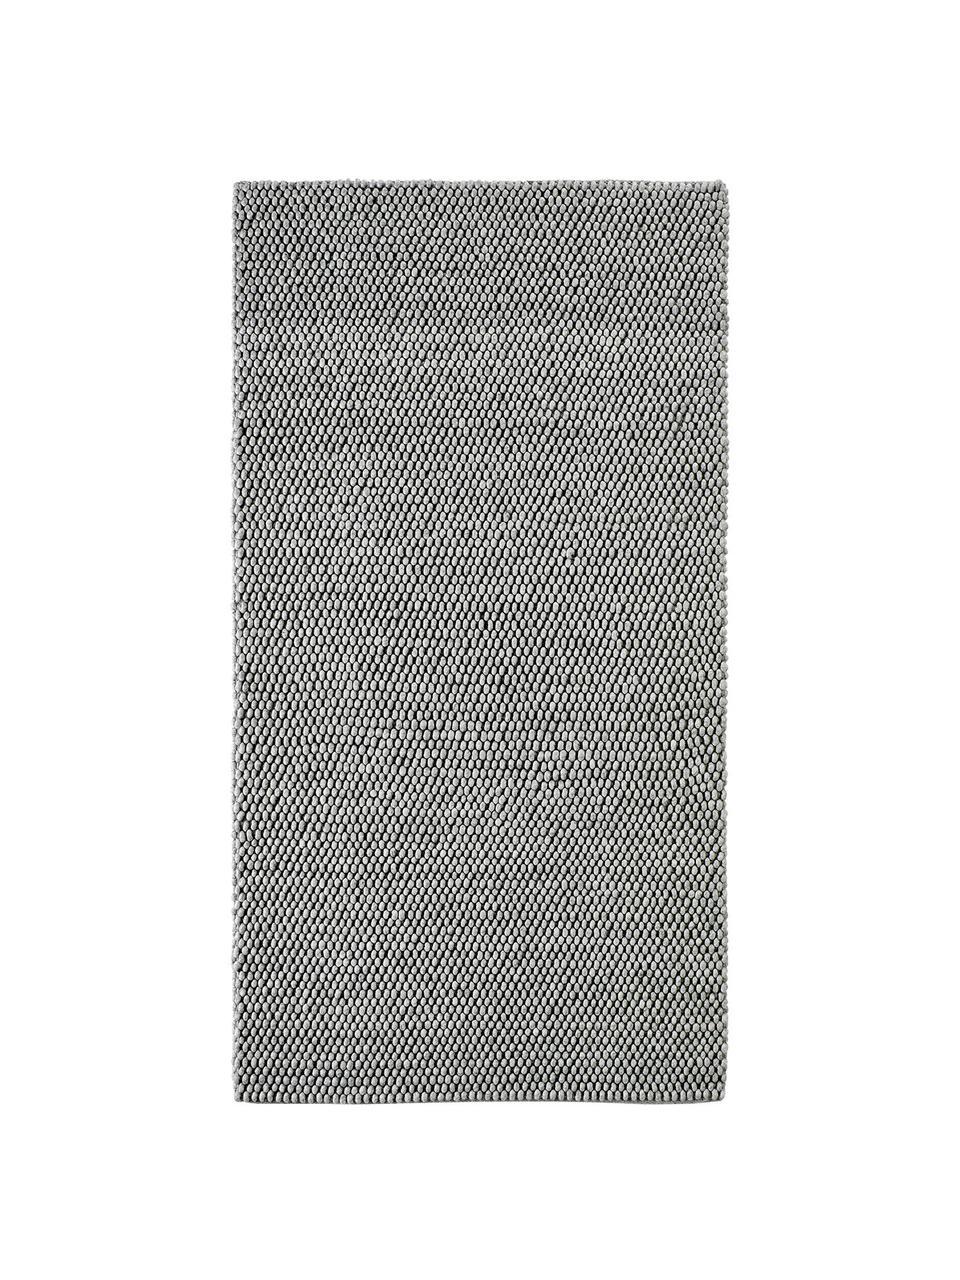 Tappeto grigio chiaro My Loft, Retro: cotone, Grigio argento, Larg. 160 x Lung. 230 cm (taglia M)